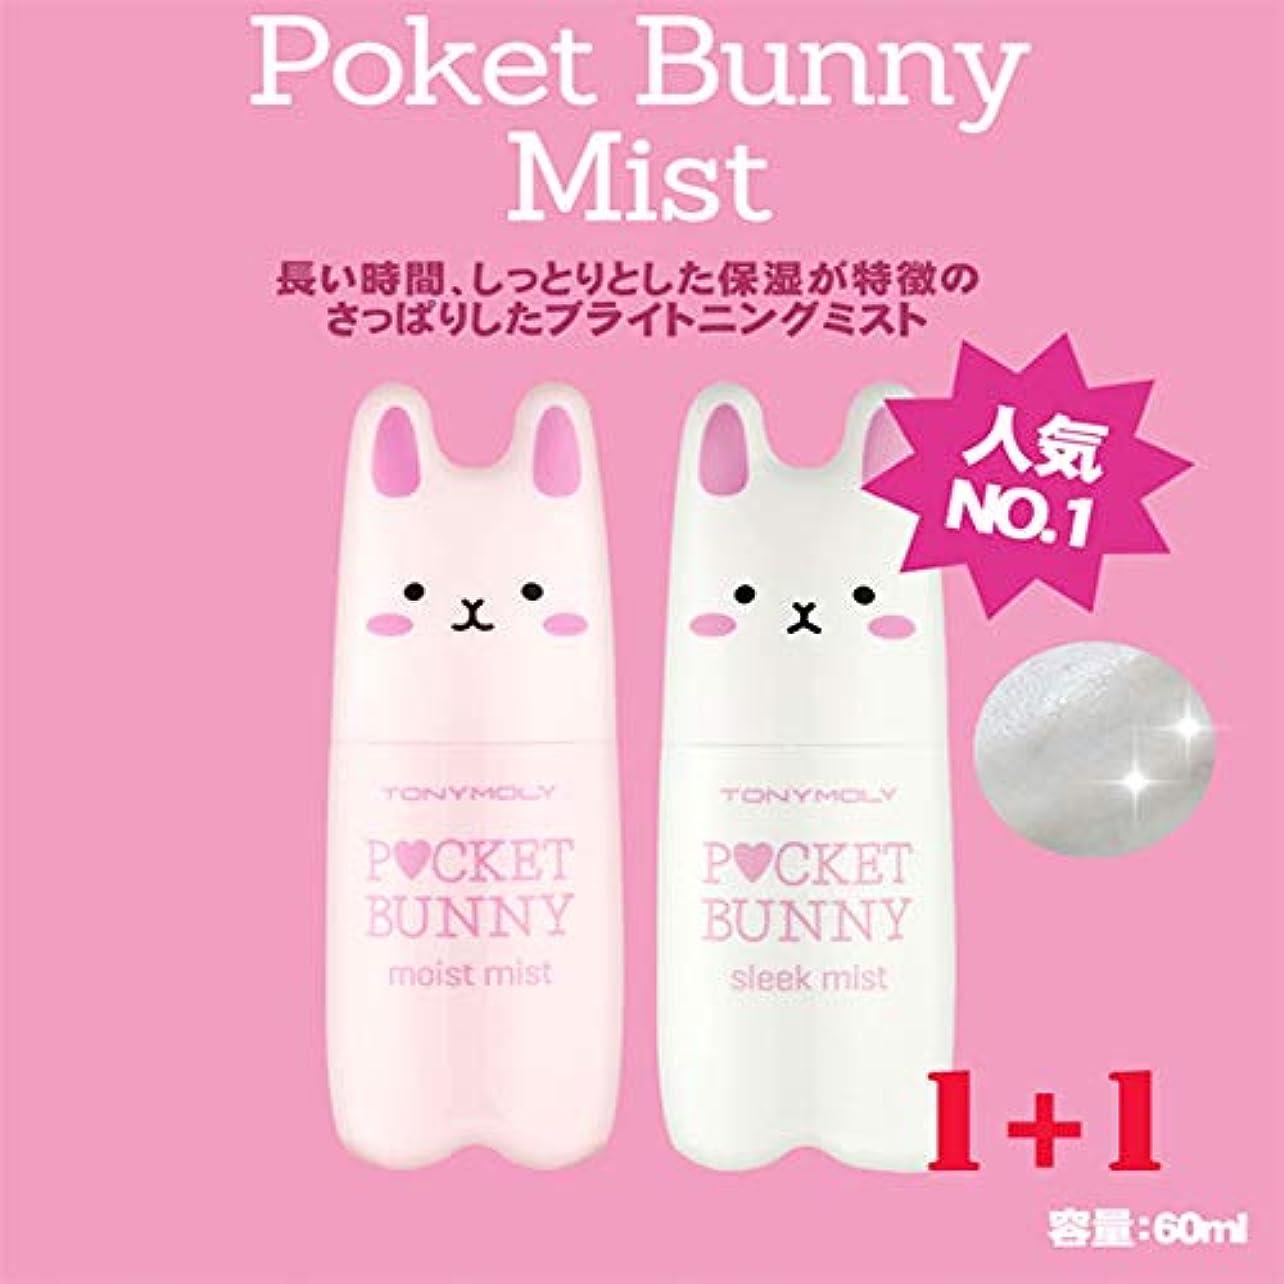 ここにゆりかご私の[TONYMOLY]★1+1★トニーモリー ポケットバニー ミスト?すべすべタイプ +モイスト?ミスト,ピンク (Pocket Bunny Mist Sleek Mist 60ml)+ (Pocket Bunny Moist...